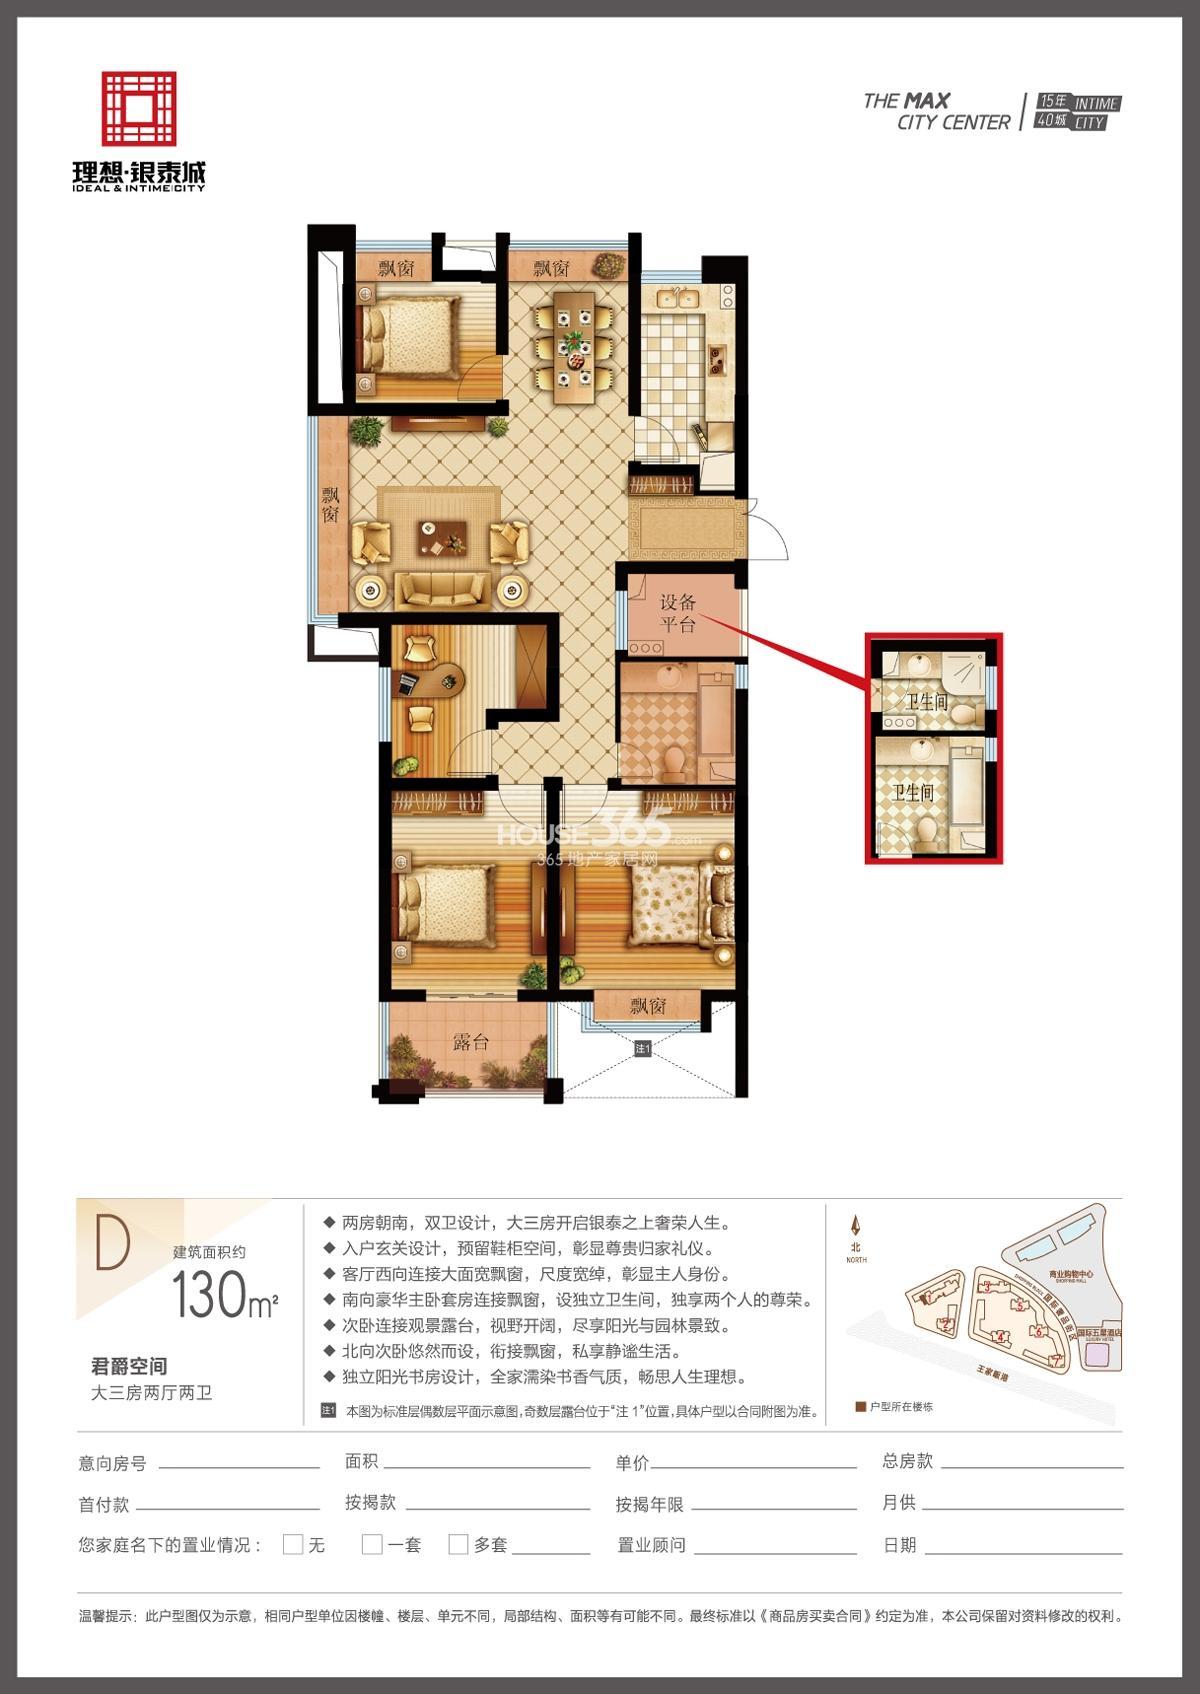 理想银泰城1号楼D户型130方大三房两厅两卫户型图